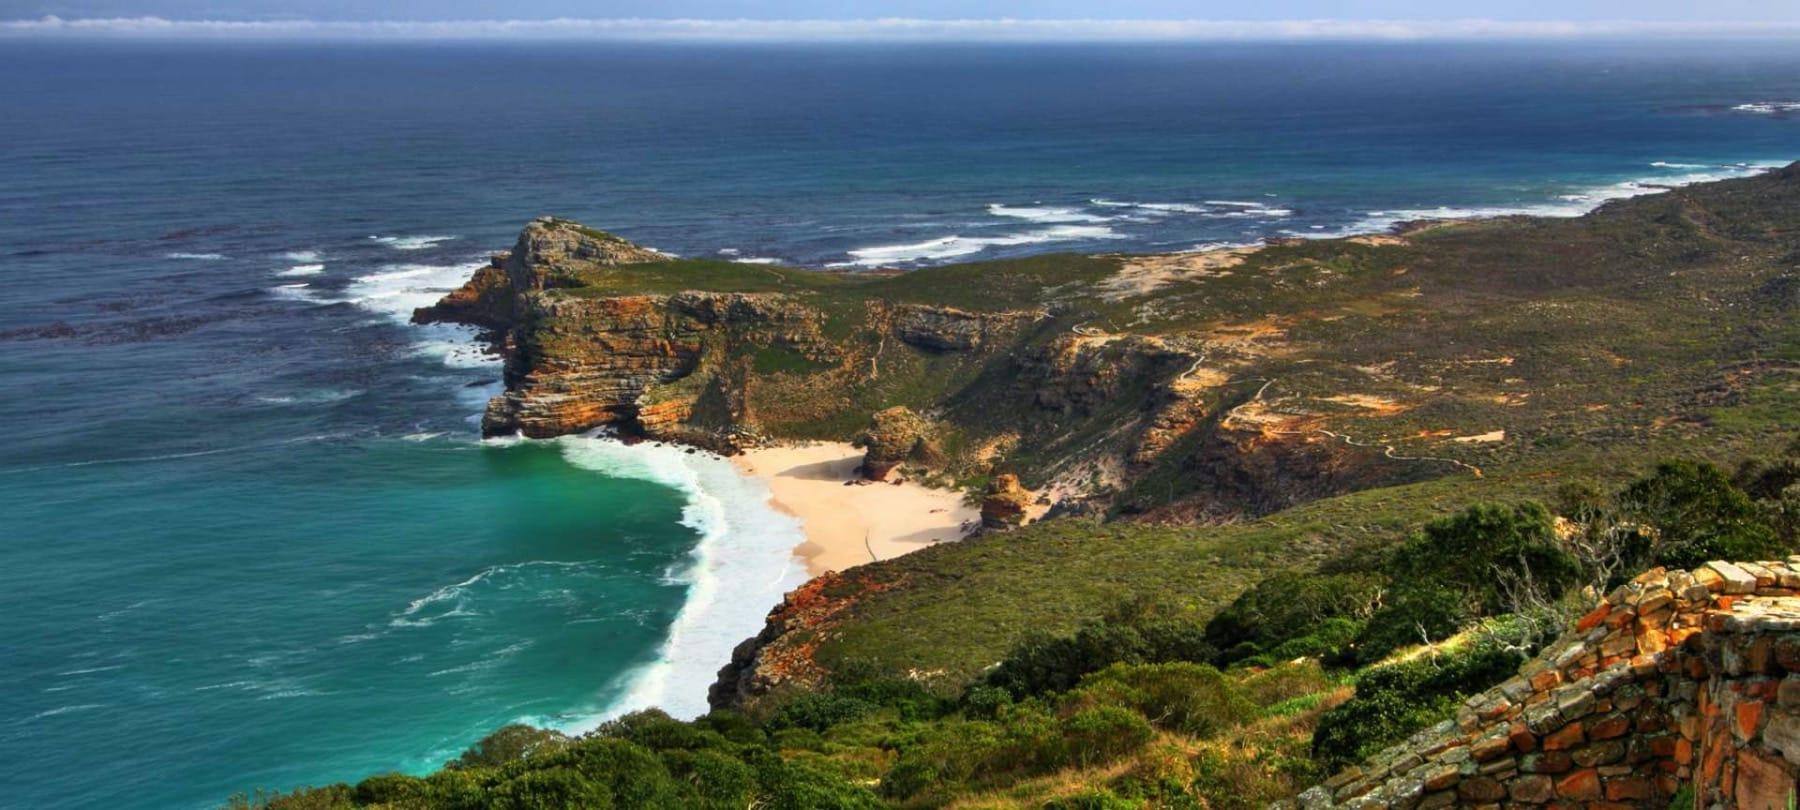 Cape Town_Cape Point